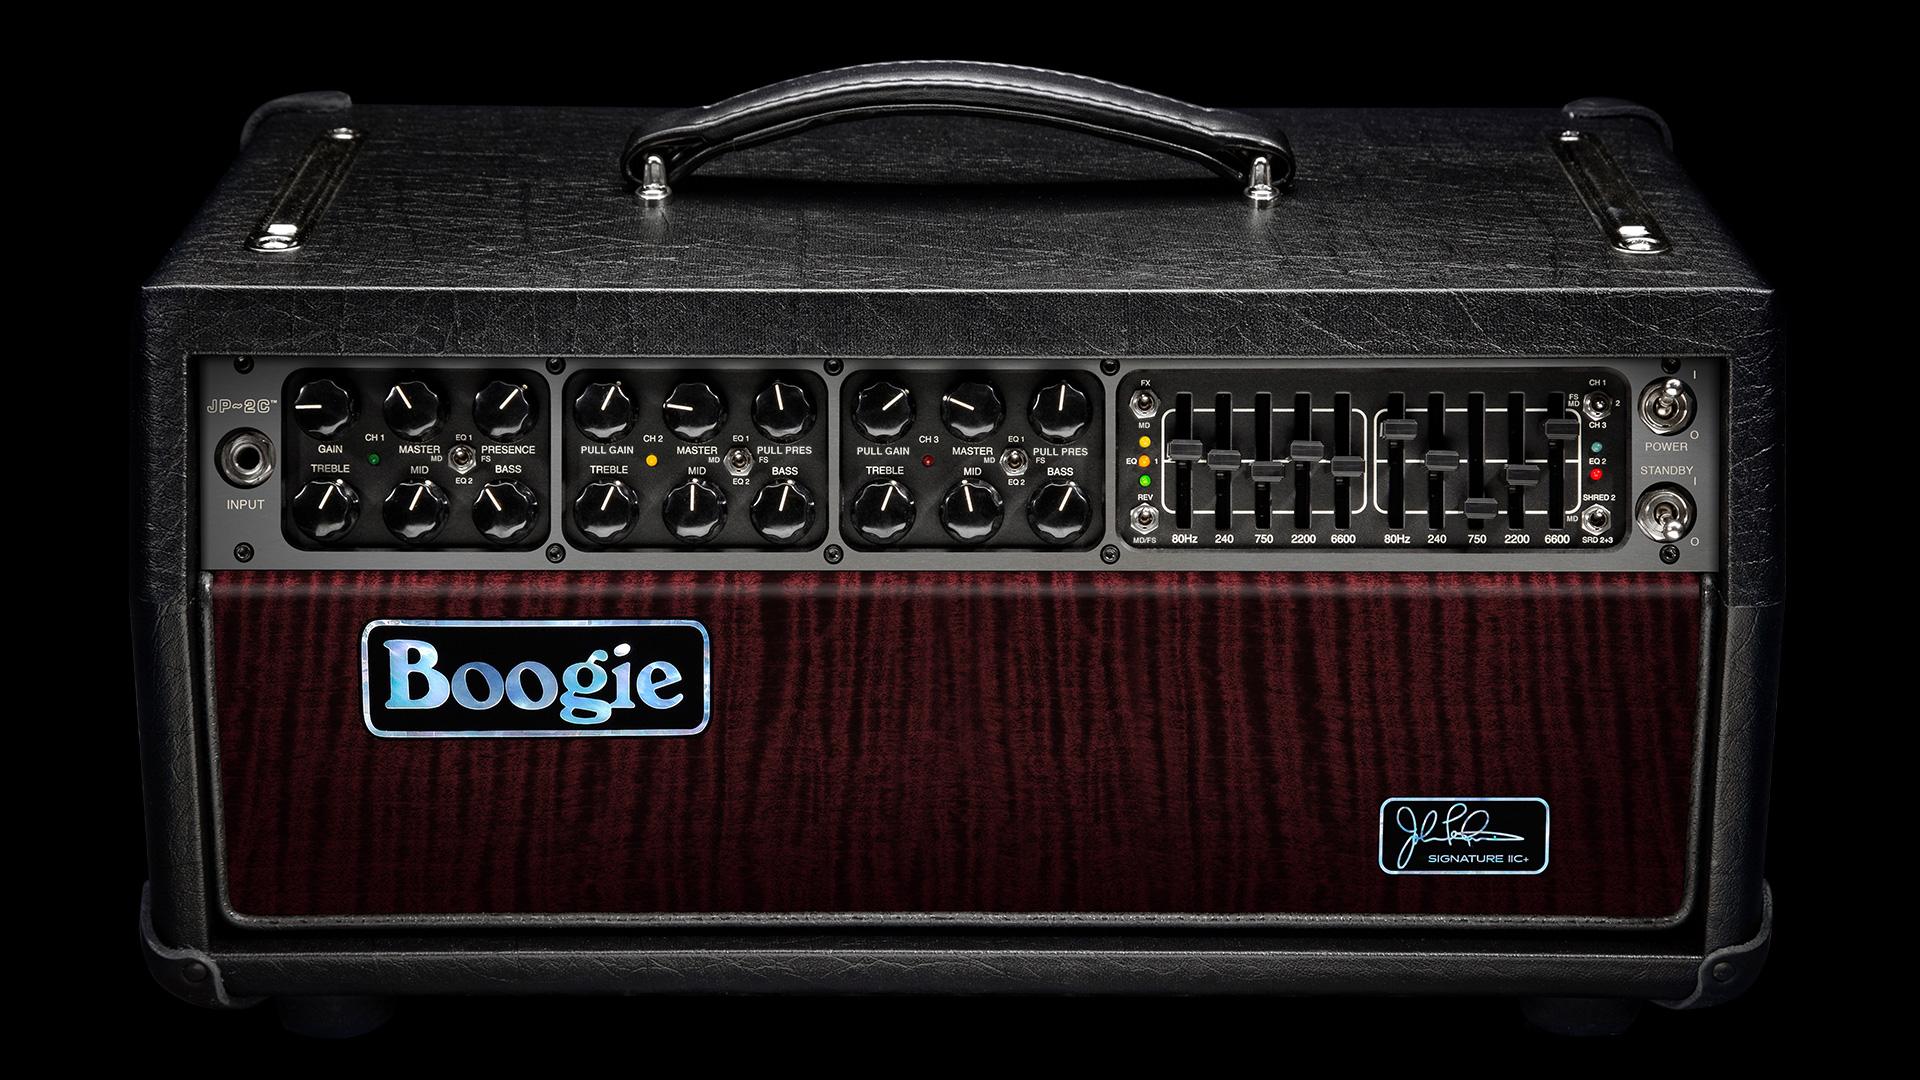 MESA/Boogie JP-2Cリミテッドエディションとラックマウントヘッドがついに入荷!!